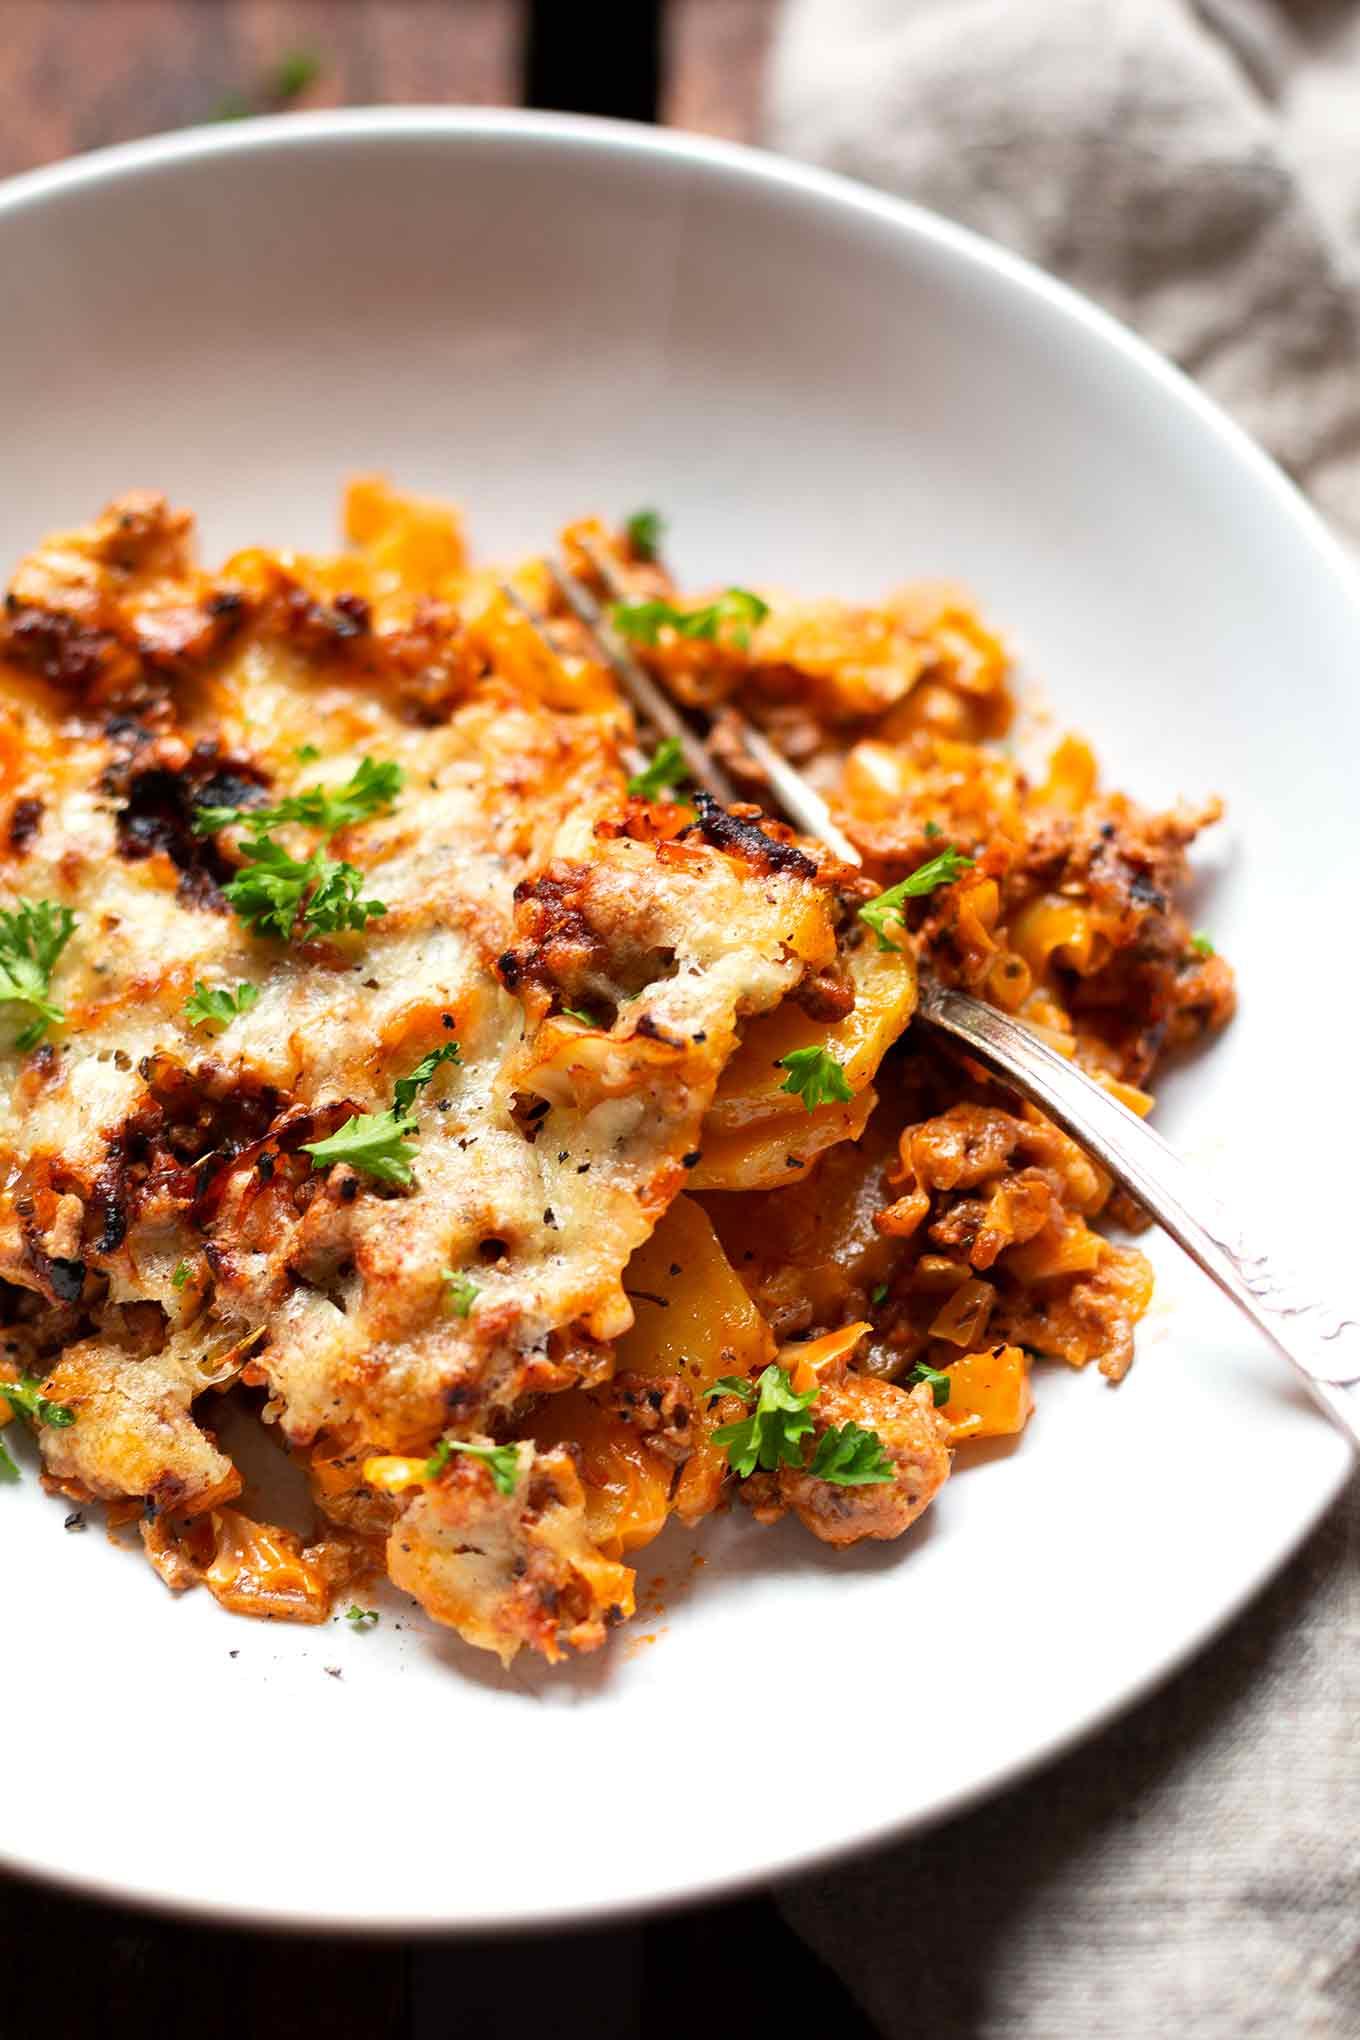 Spitzkohl-Hackfleisch-Auflauf mit Kartoffeln- Kochkarussell Foodblog